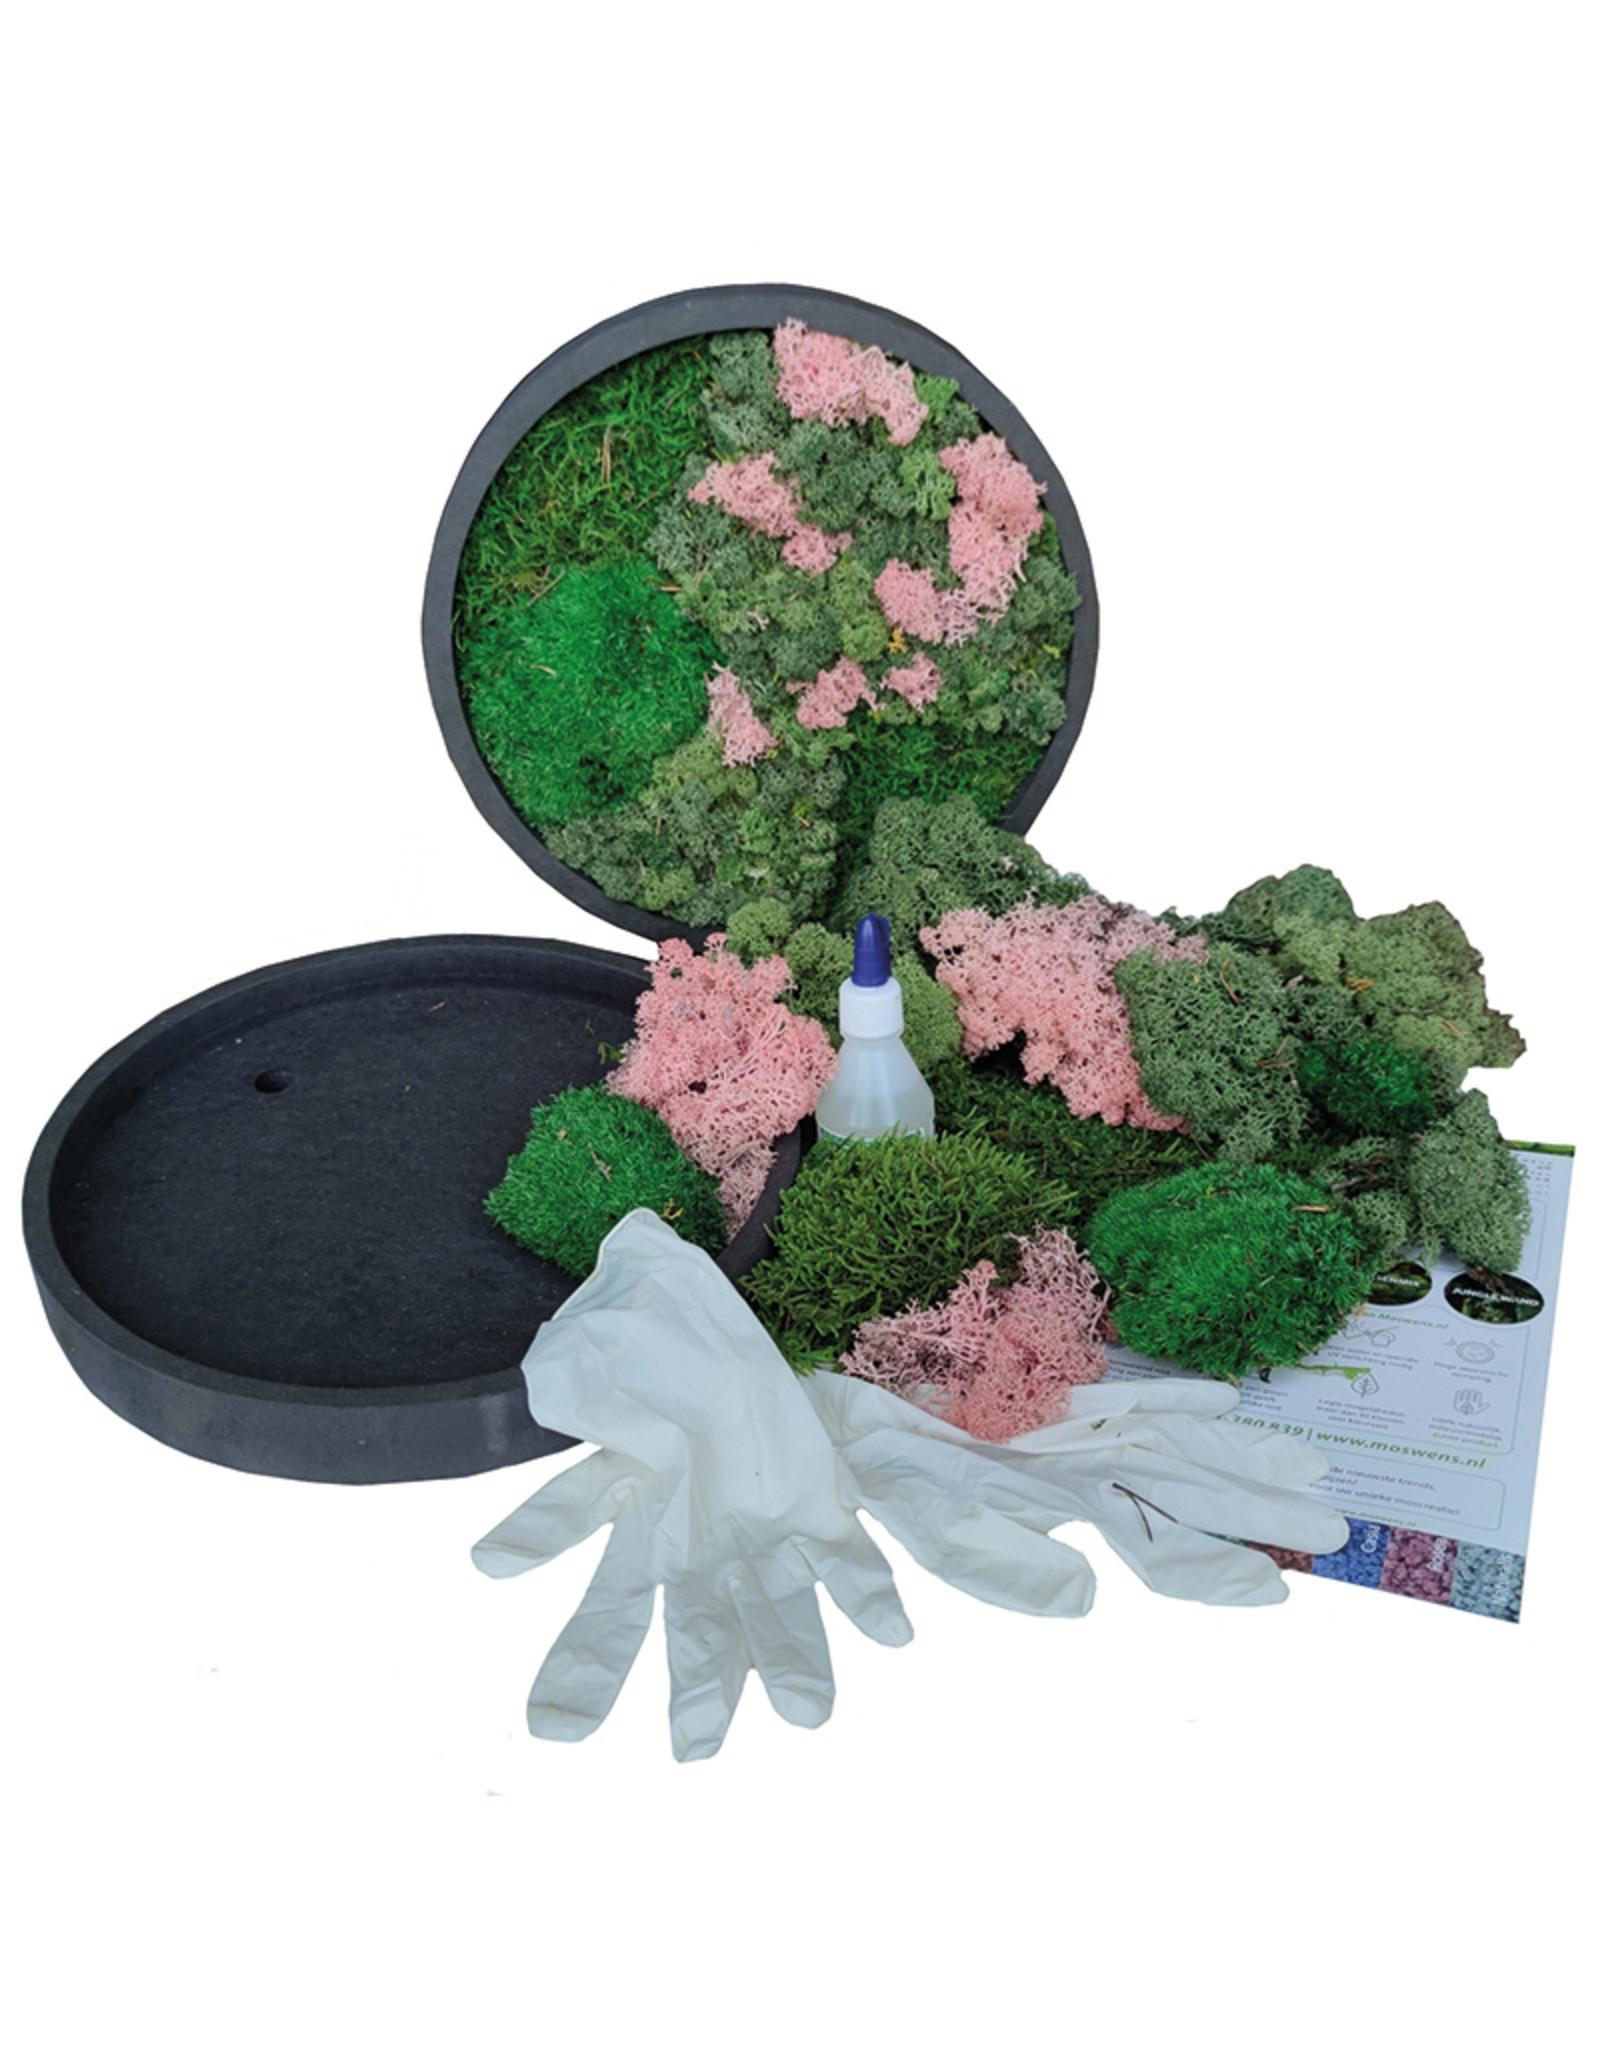 Moswens [DIY] pakket met oud roze  en groentinten